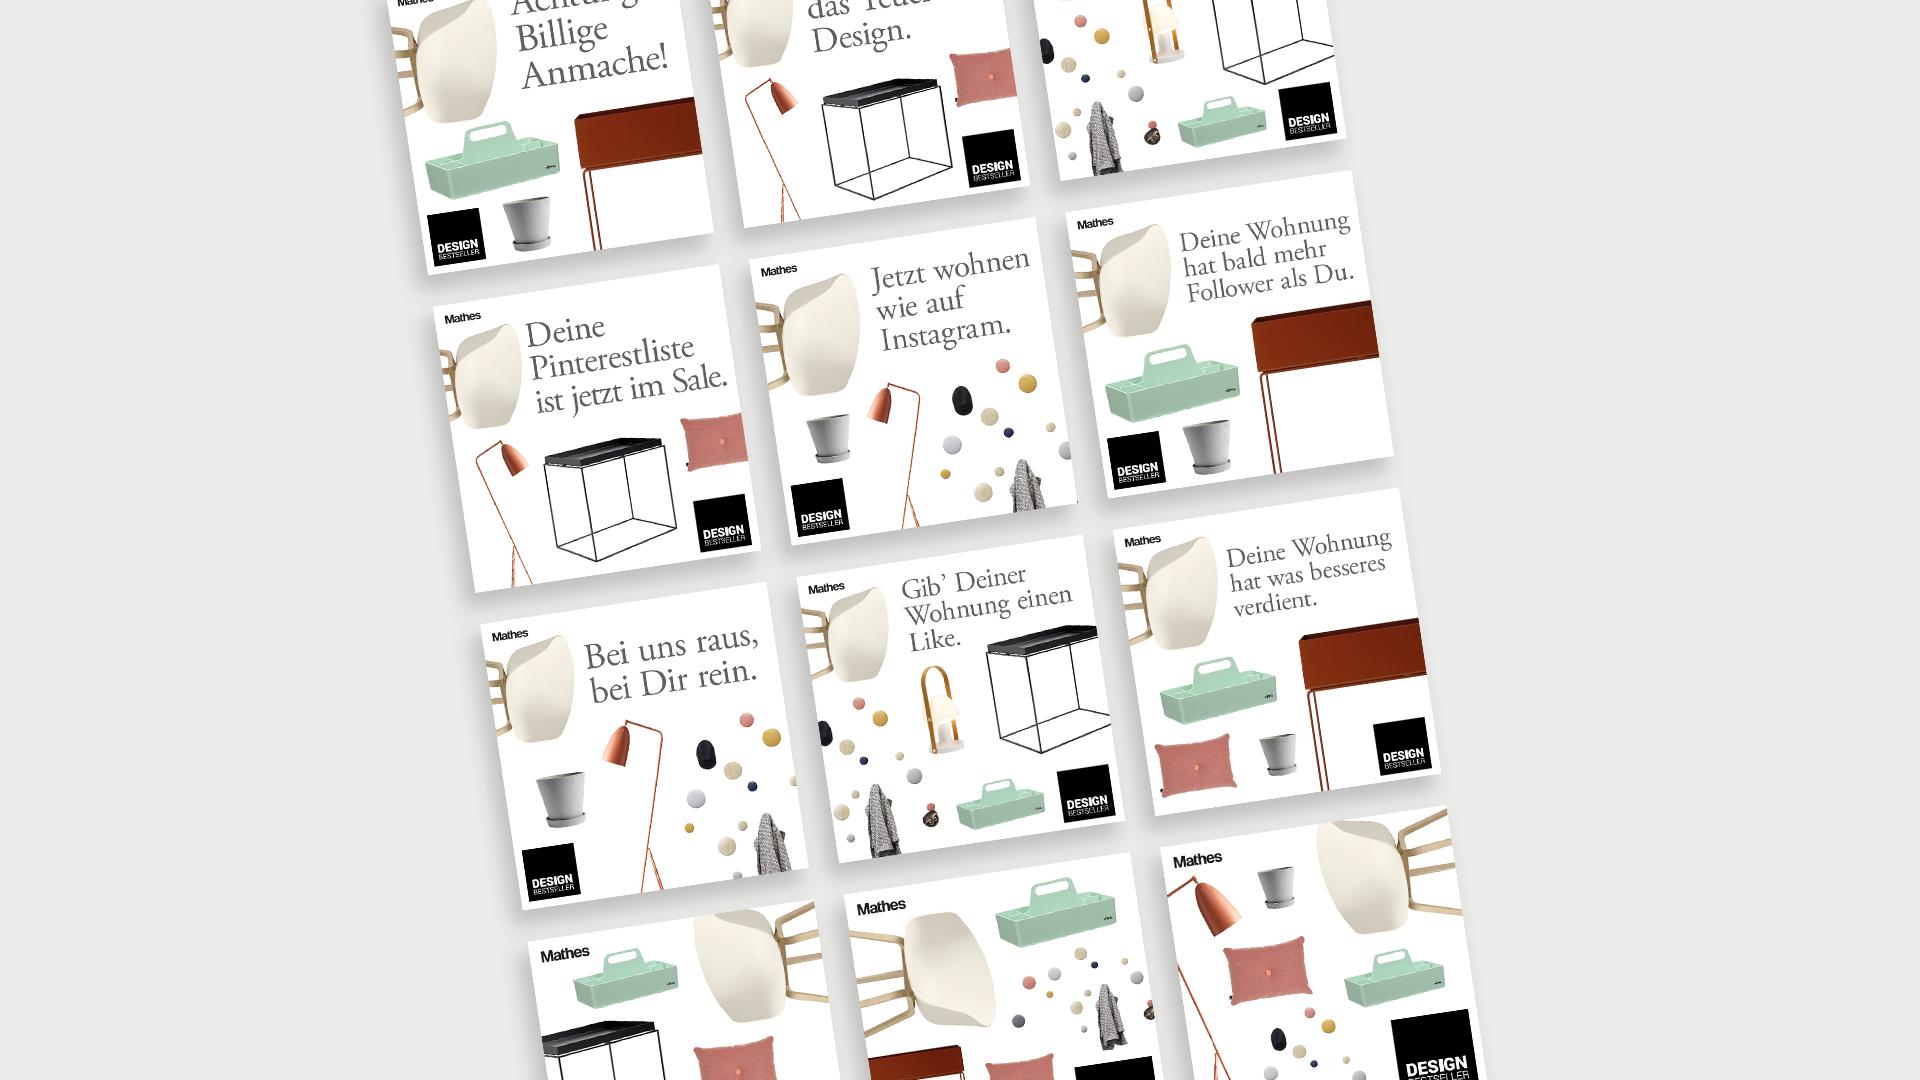 Viele verschiedene Claims und Designentwürfe für Instagrampostings der Werbekampagne für den Lagerverkauf von Design Bestseller.